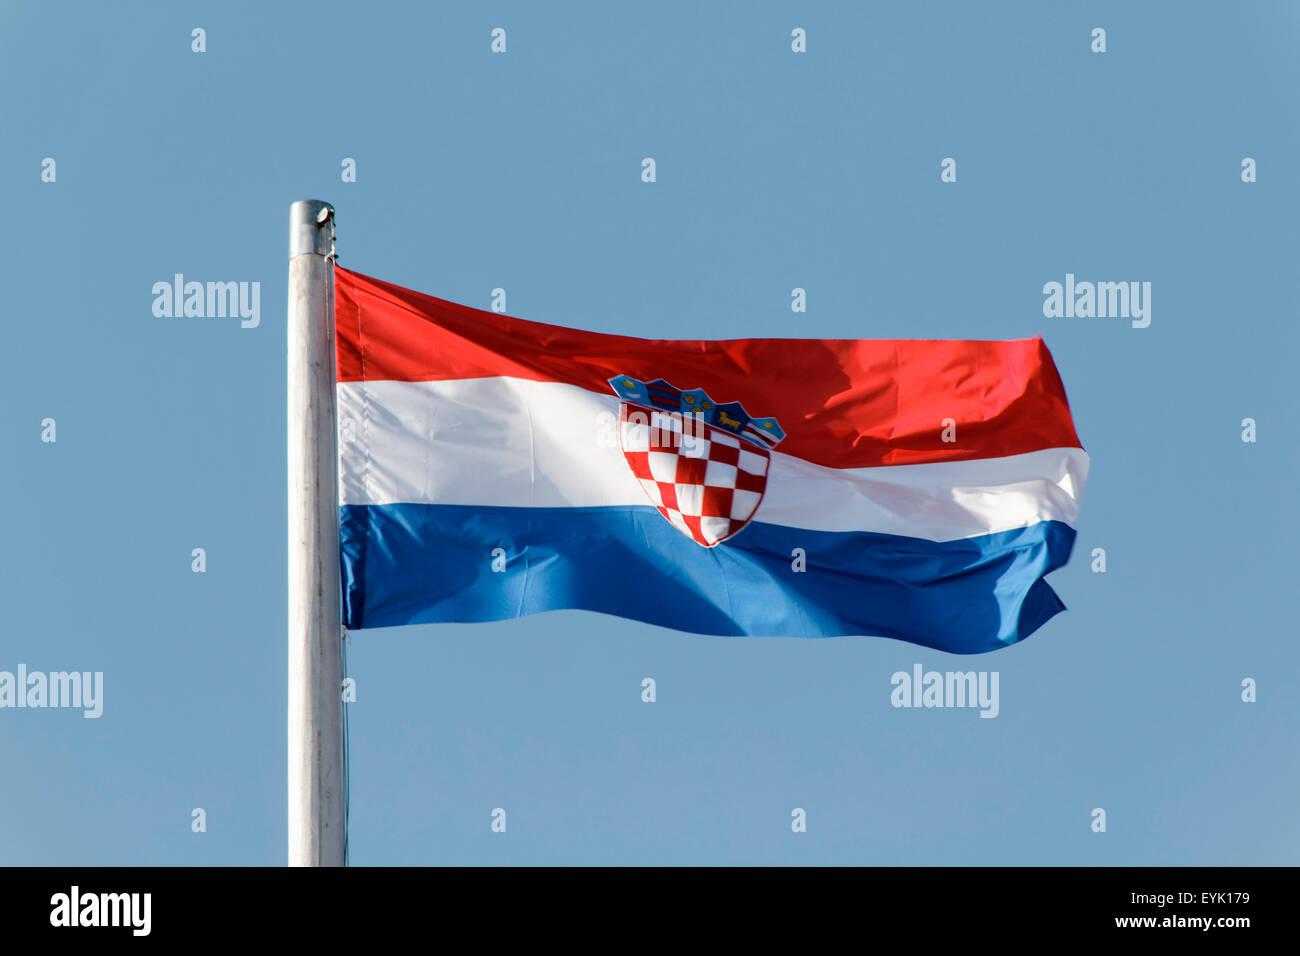 kroatische flagge kroatien stockfoto bild 85855261 alamy. Black Bedroom Furniture Sets. Home Design Ideas